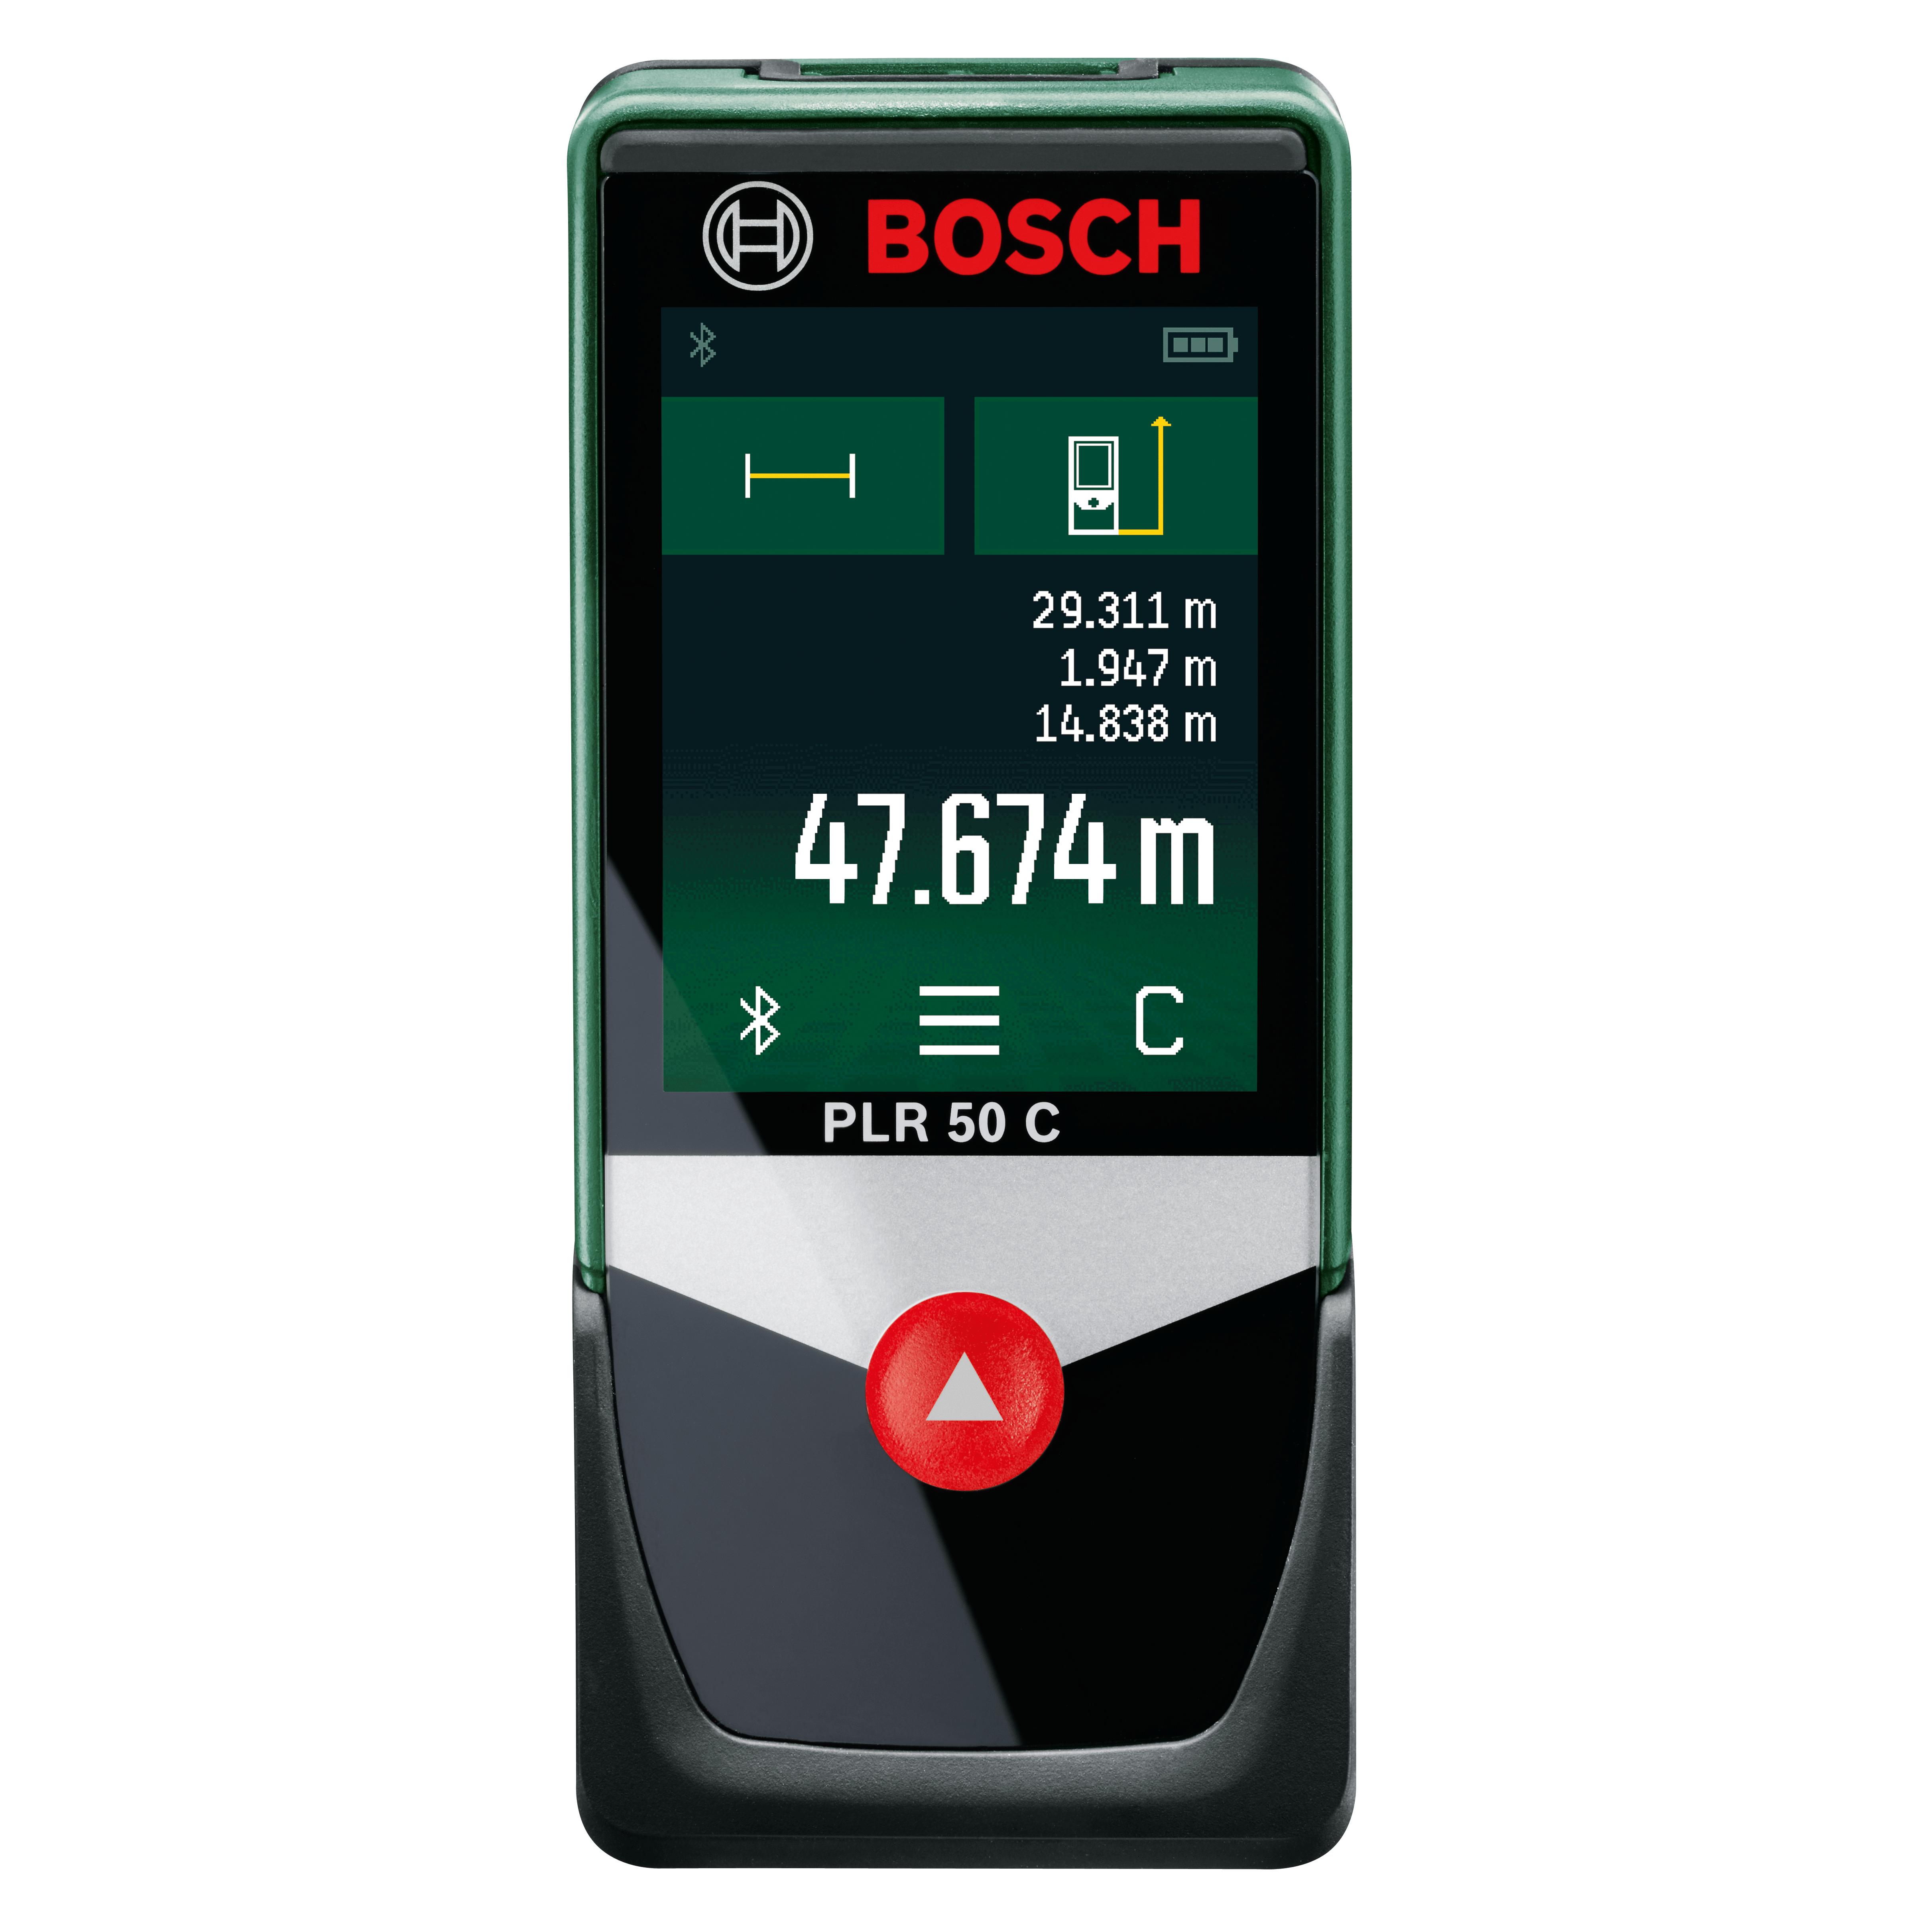 Telemetru Plr50C Bosch mathaus 2021